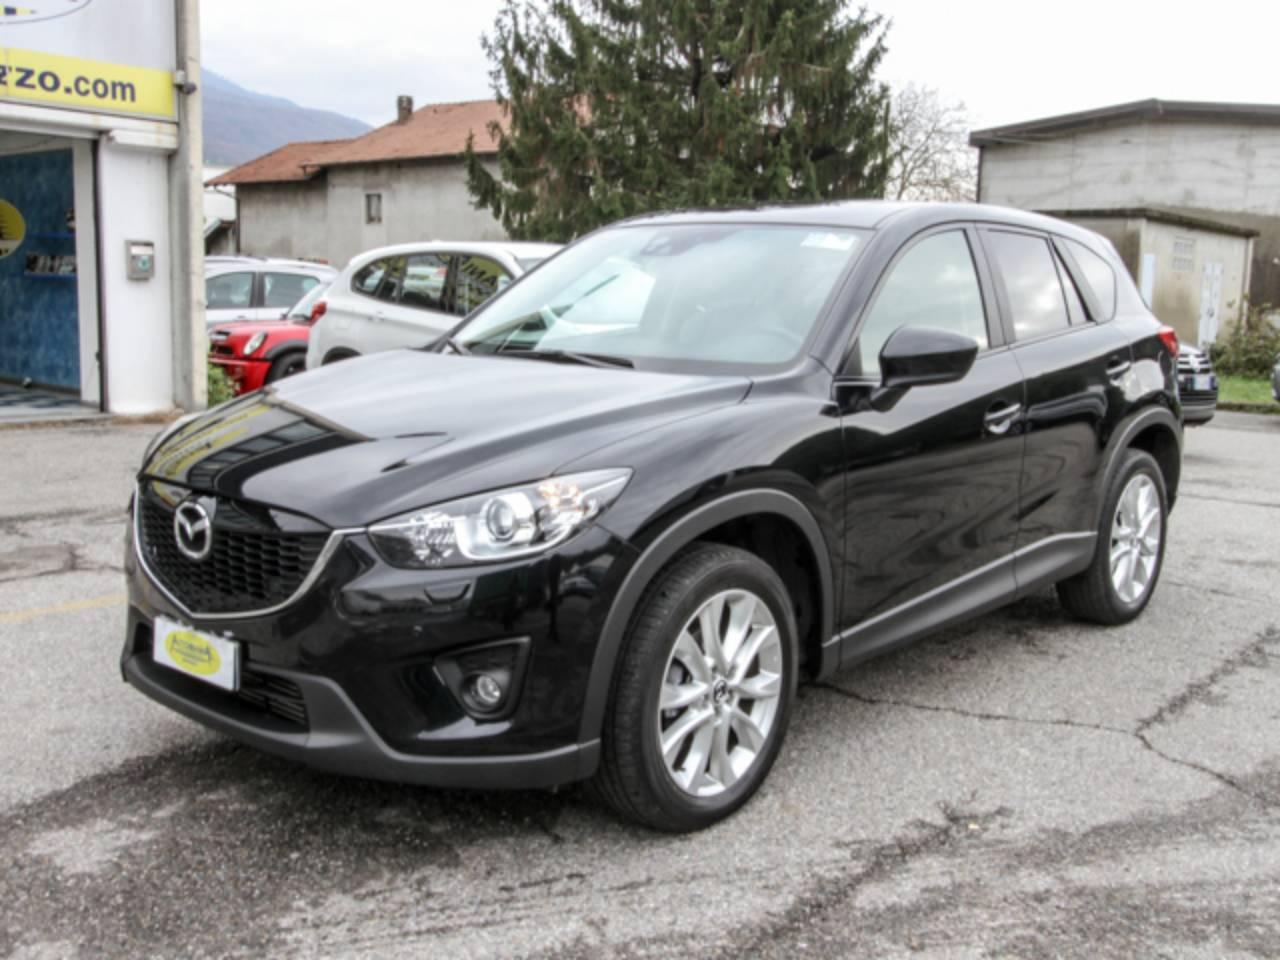 Mazda_CX_5_21_12_2020_9